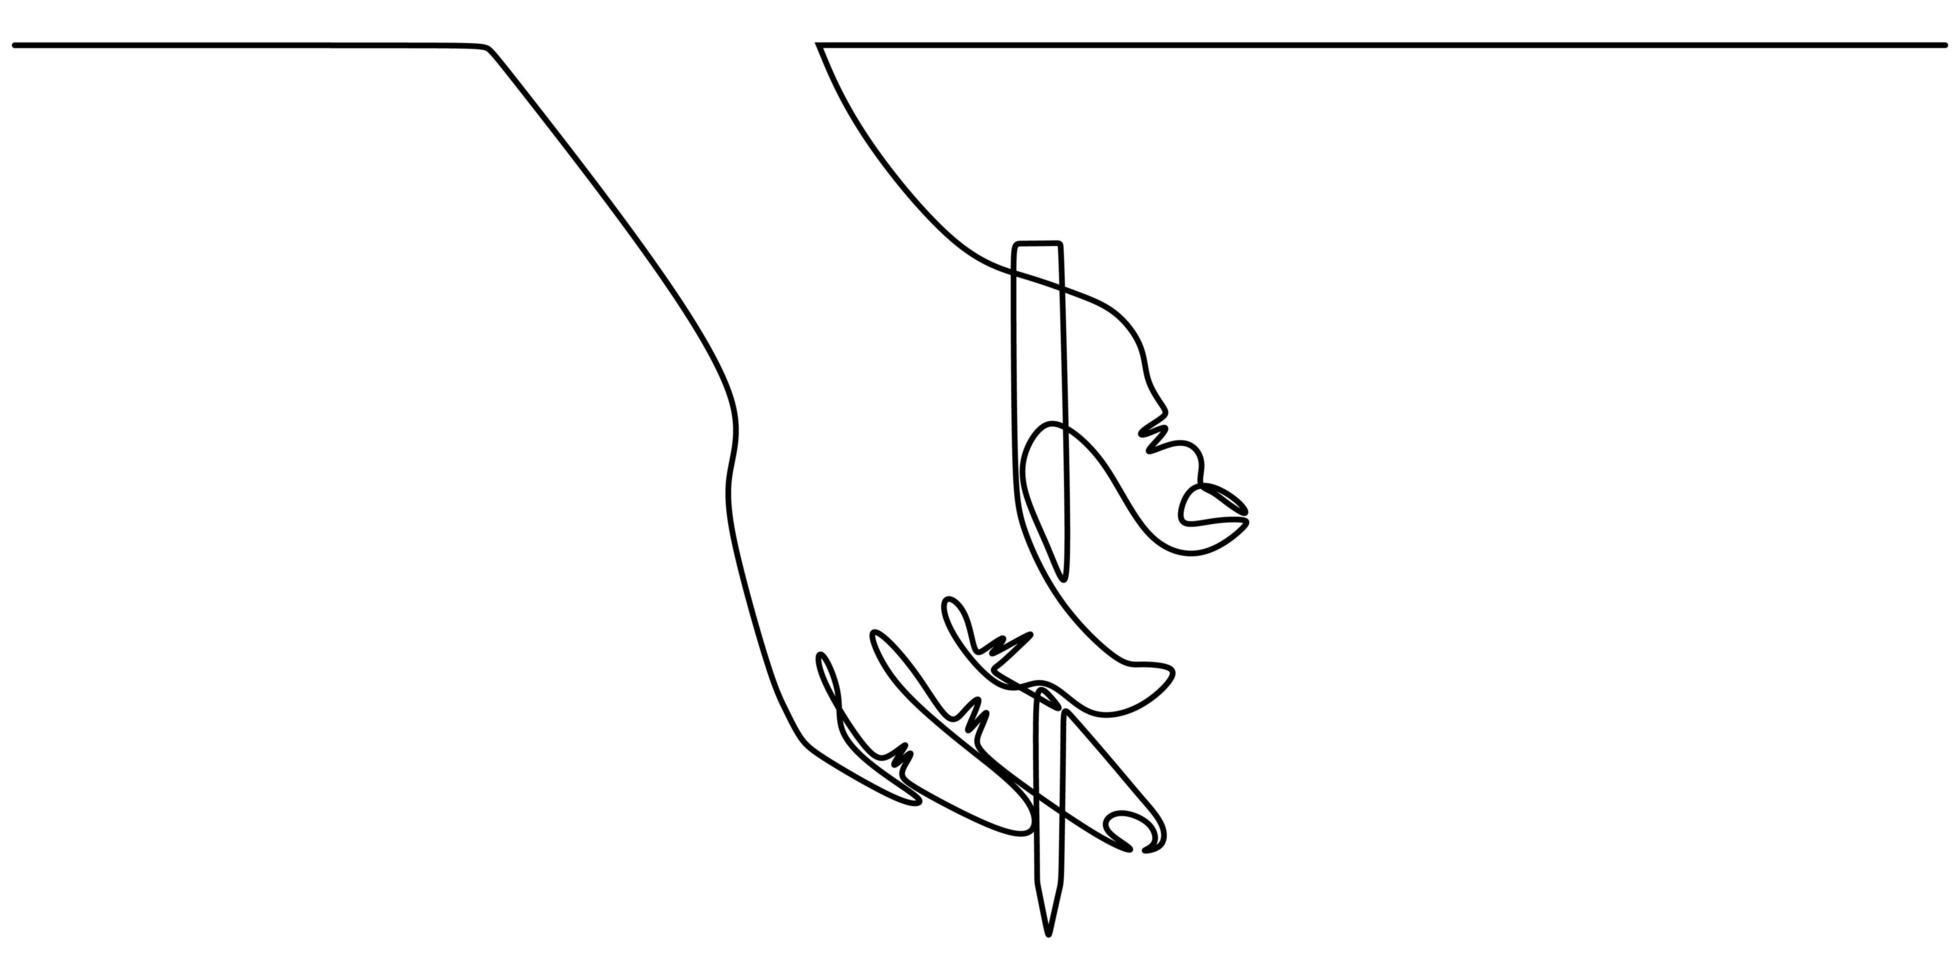 un disegno a tratteggio della mano che tiene una penna che scrive su un foglio. illustrazione vettoriale di schizzo continuo minimalismo, stile di design semplicità.